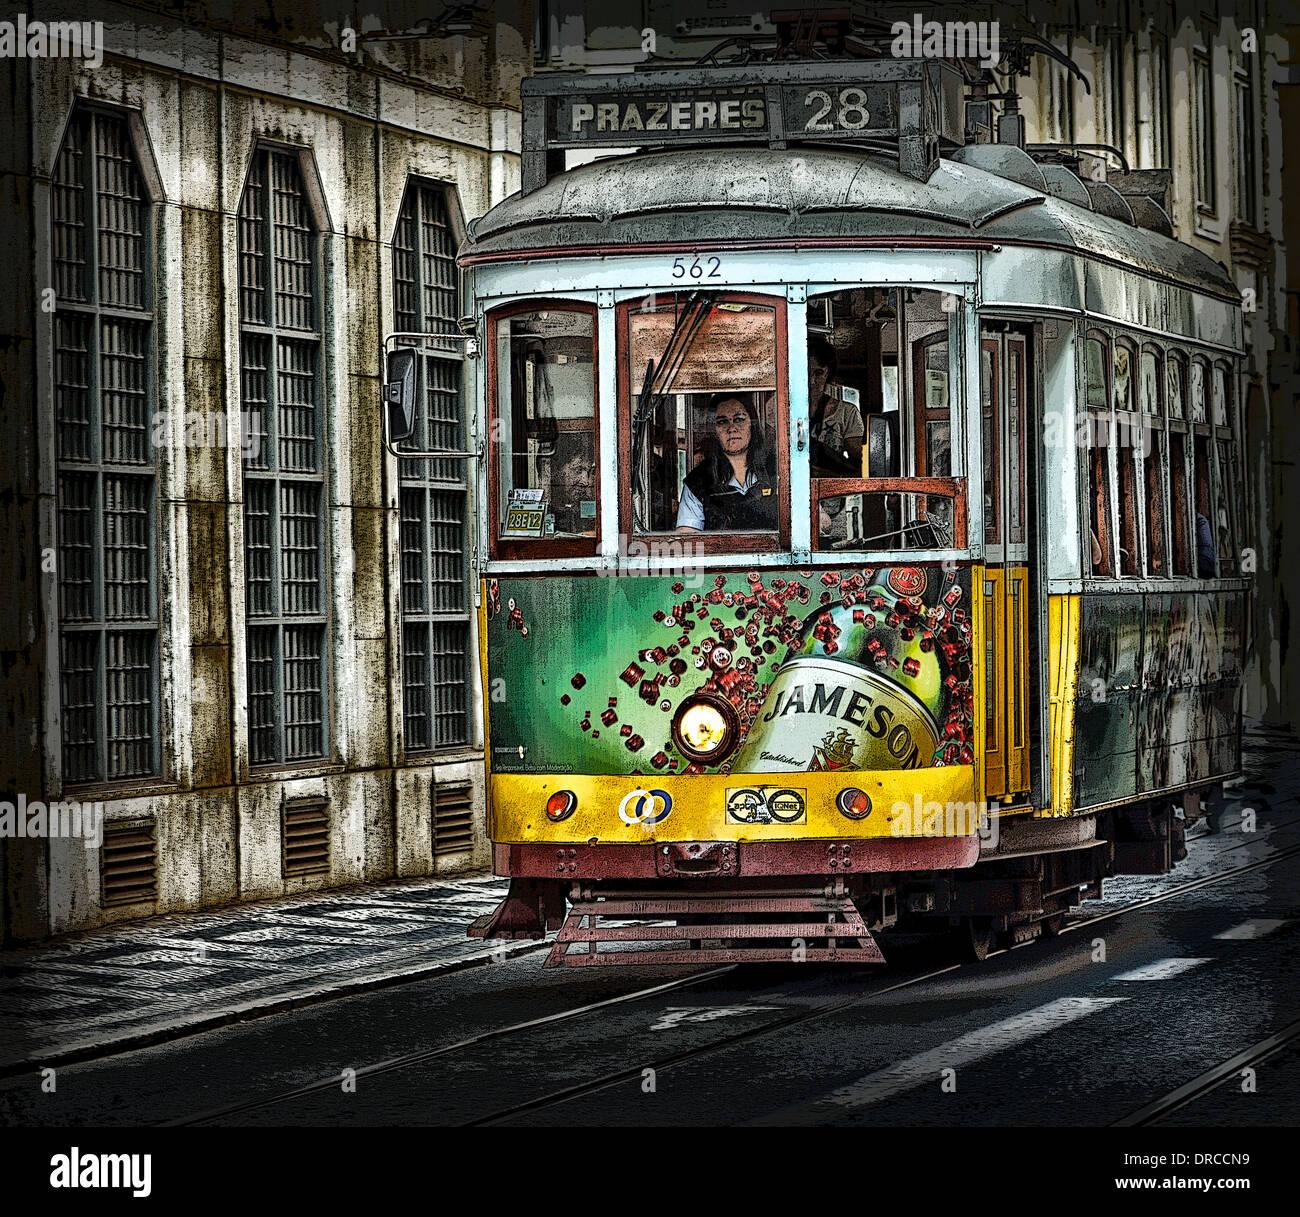 Un vieux tram de Lisbonne avec la photographie après le travail visant à améliorer les qualités picturales. Photo Stock